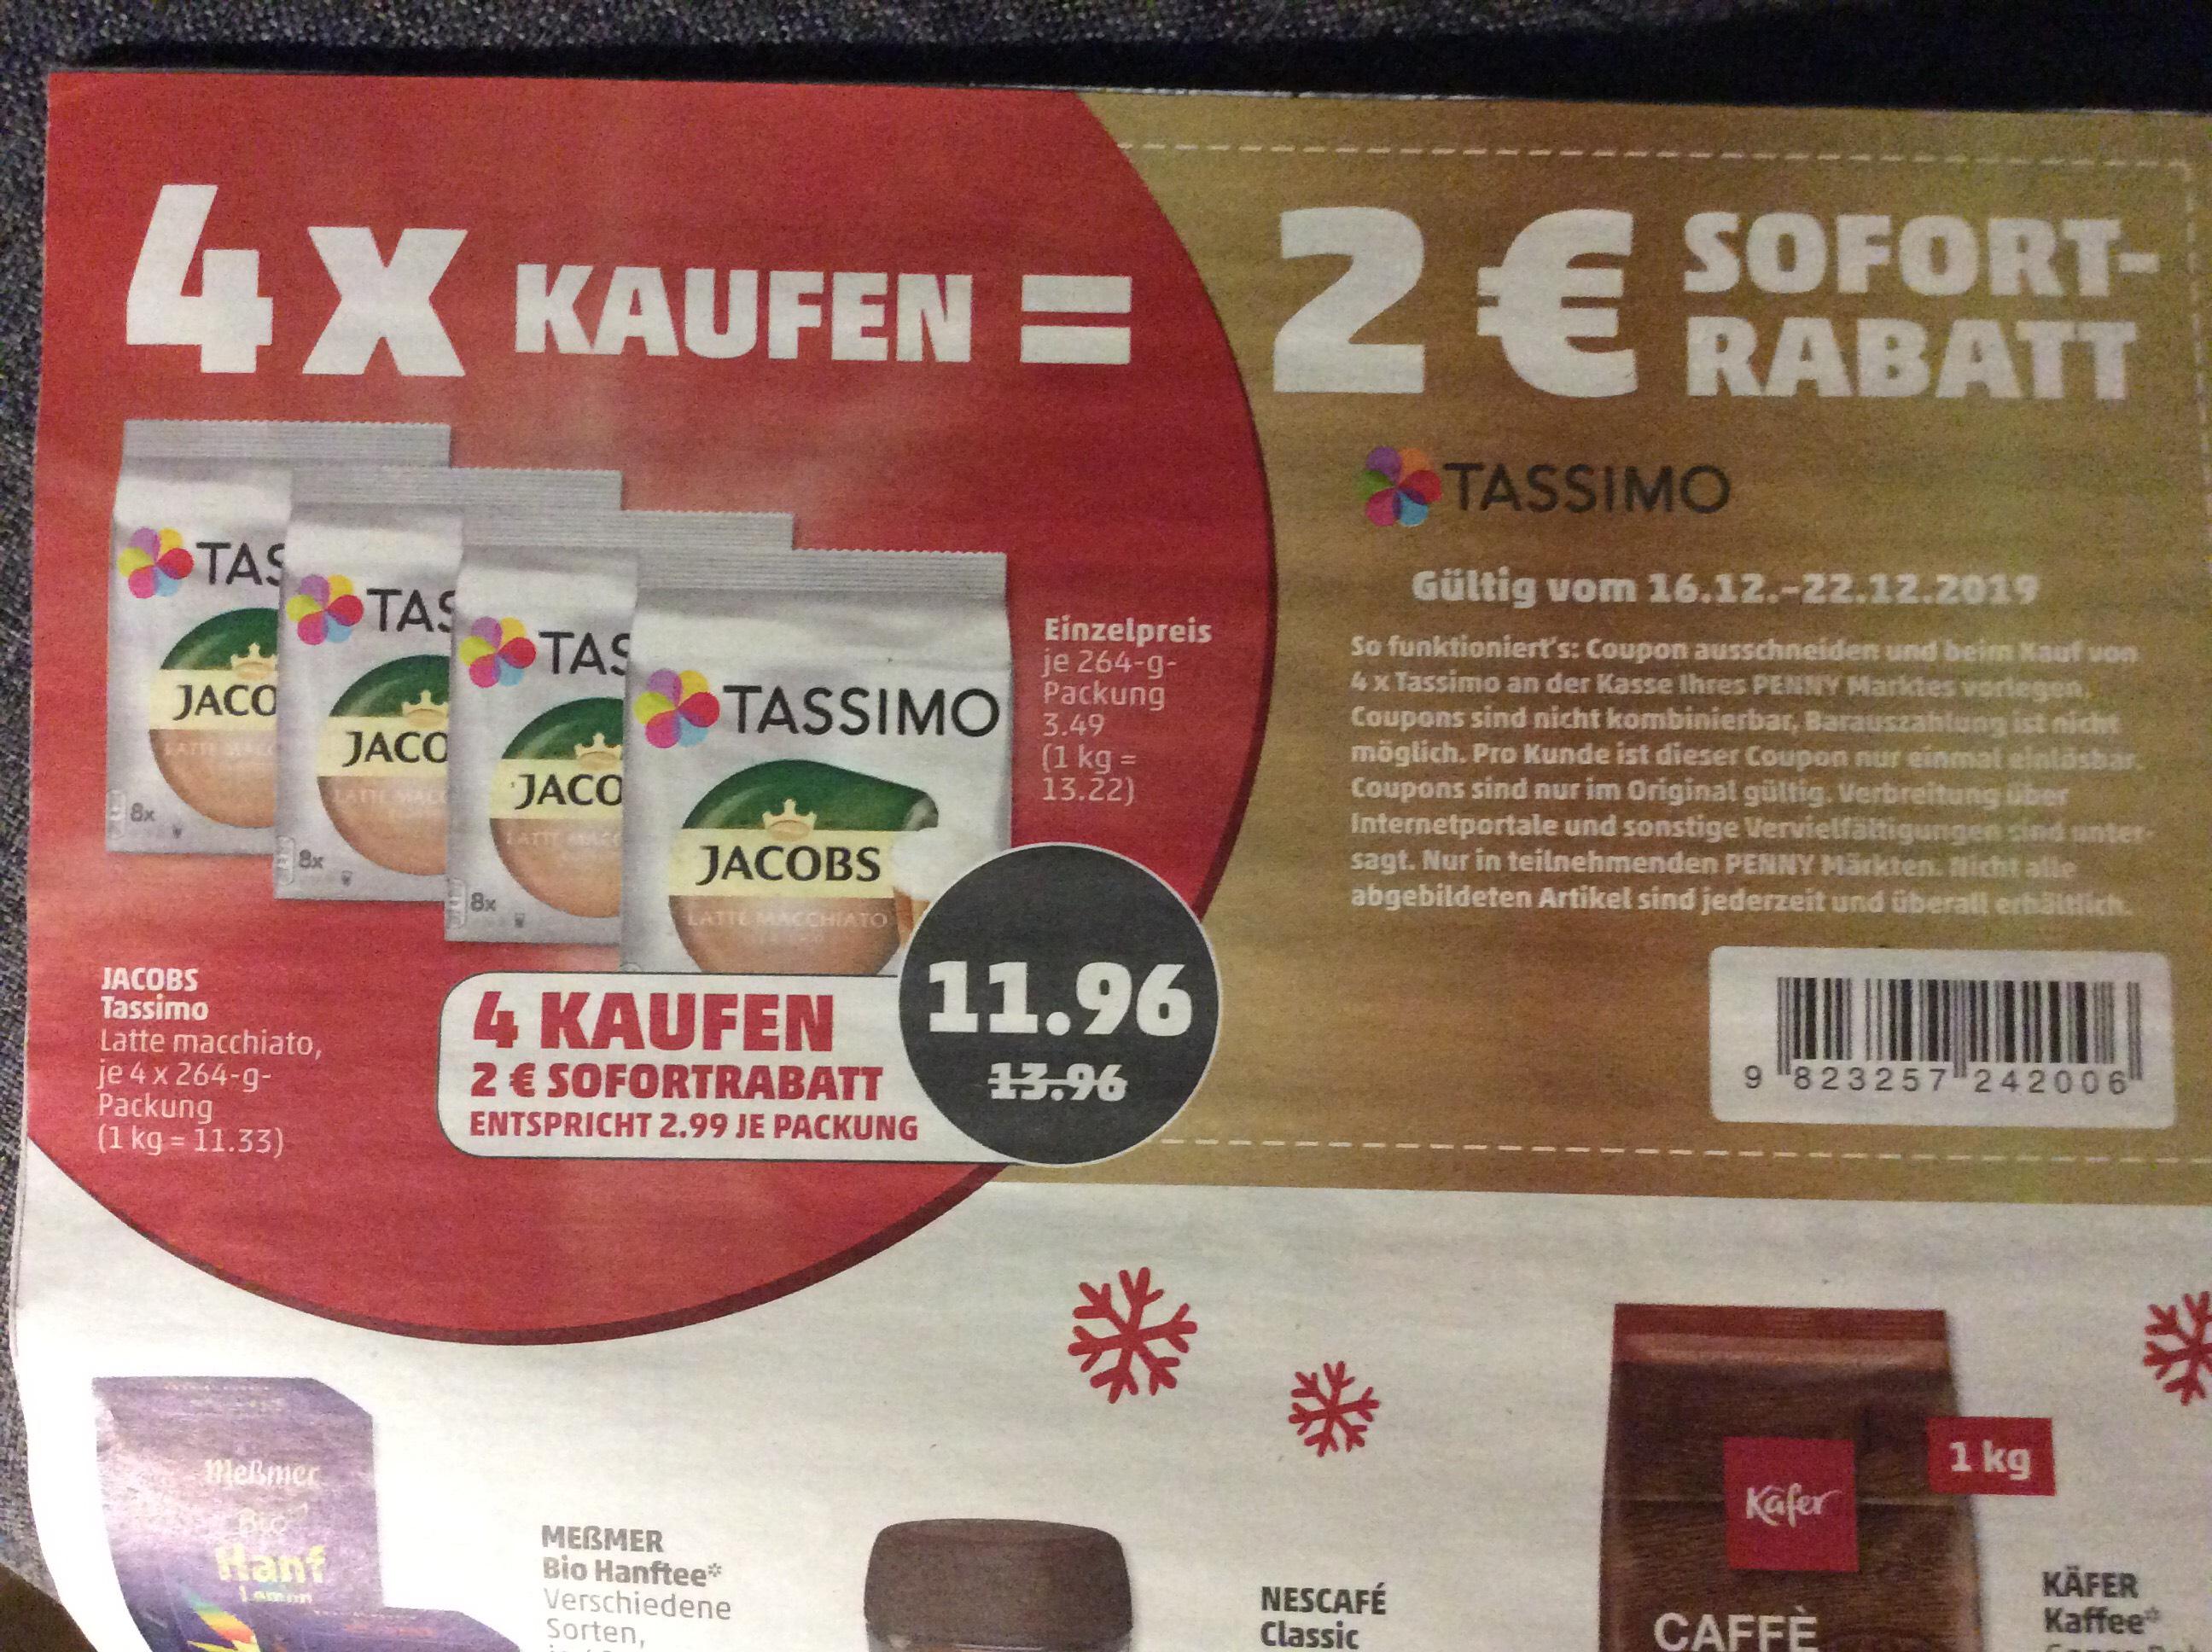 Tassimo Kapseln für 2,99€ bei Kauf von 4 Paketen / penny (16.-22.12.19)